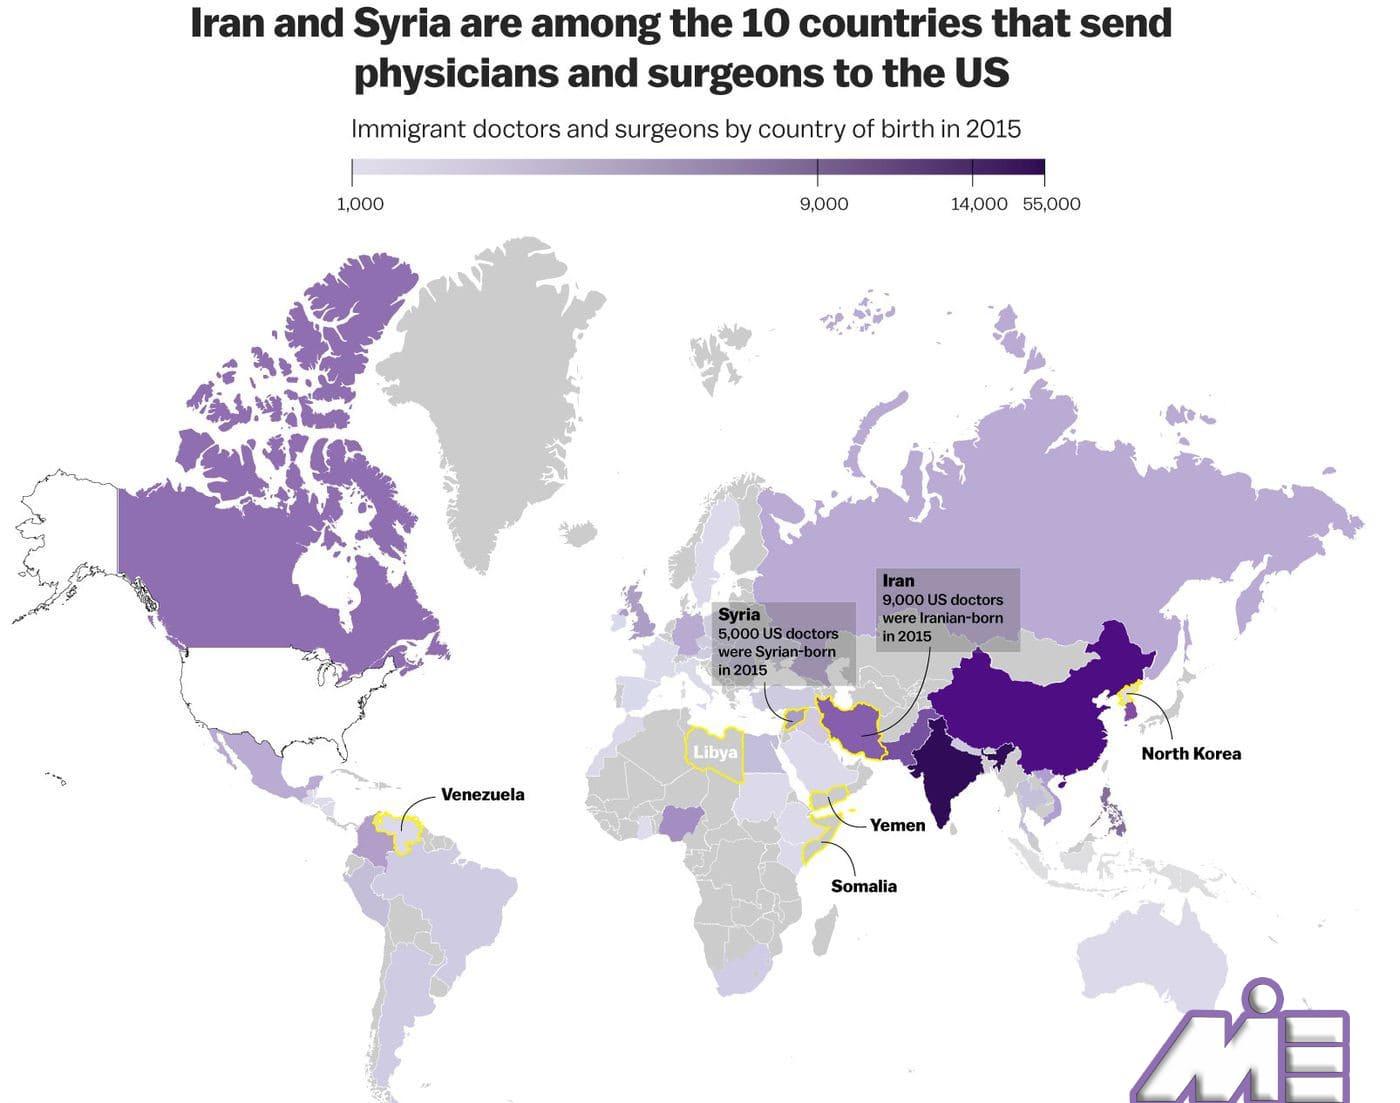 ایران و سوریه جزء 10 کشوری هستند که بالاترین نرخ مهاجرت جراحان و اطباع را به آمریکا دارند